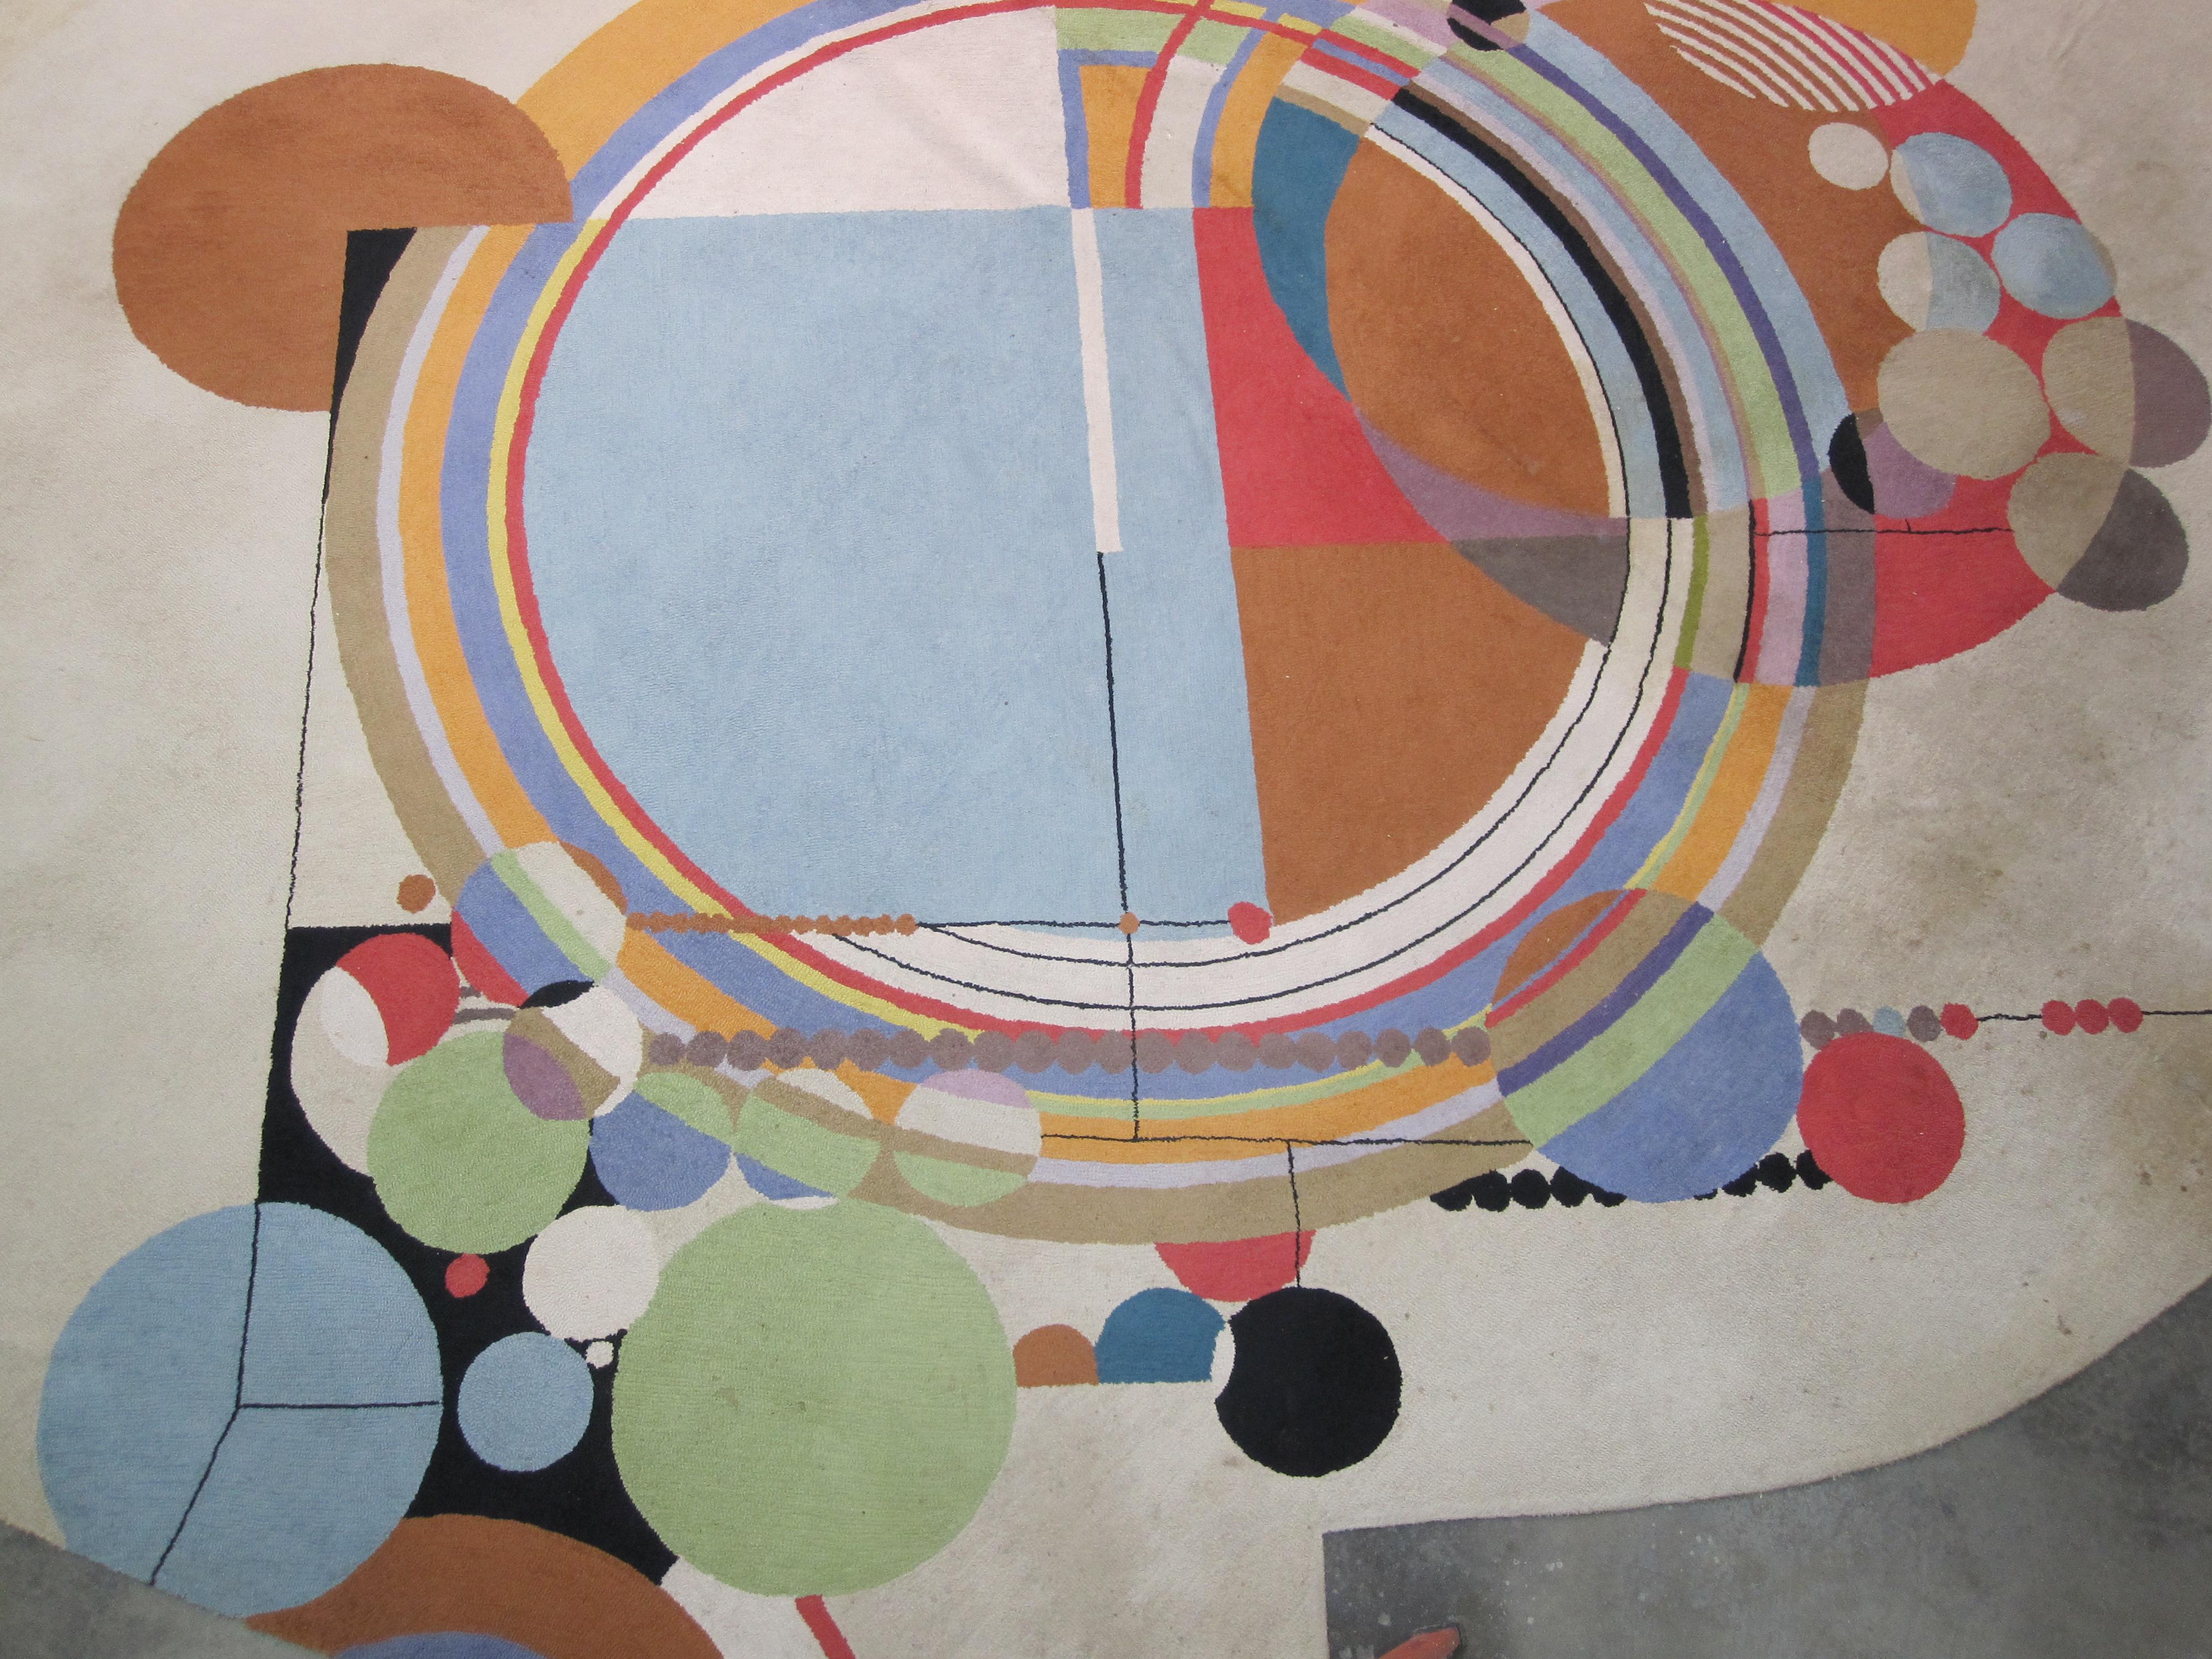 Frank lloyd wright rug revealed los angeles modern auctions blog - Frank lloyd wright rugs ...